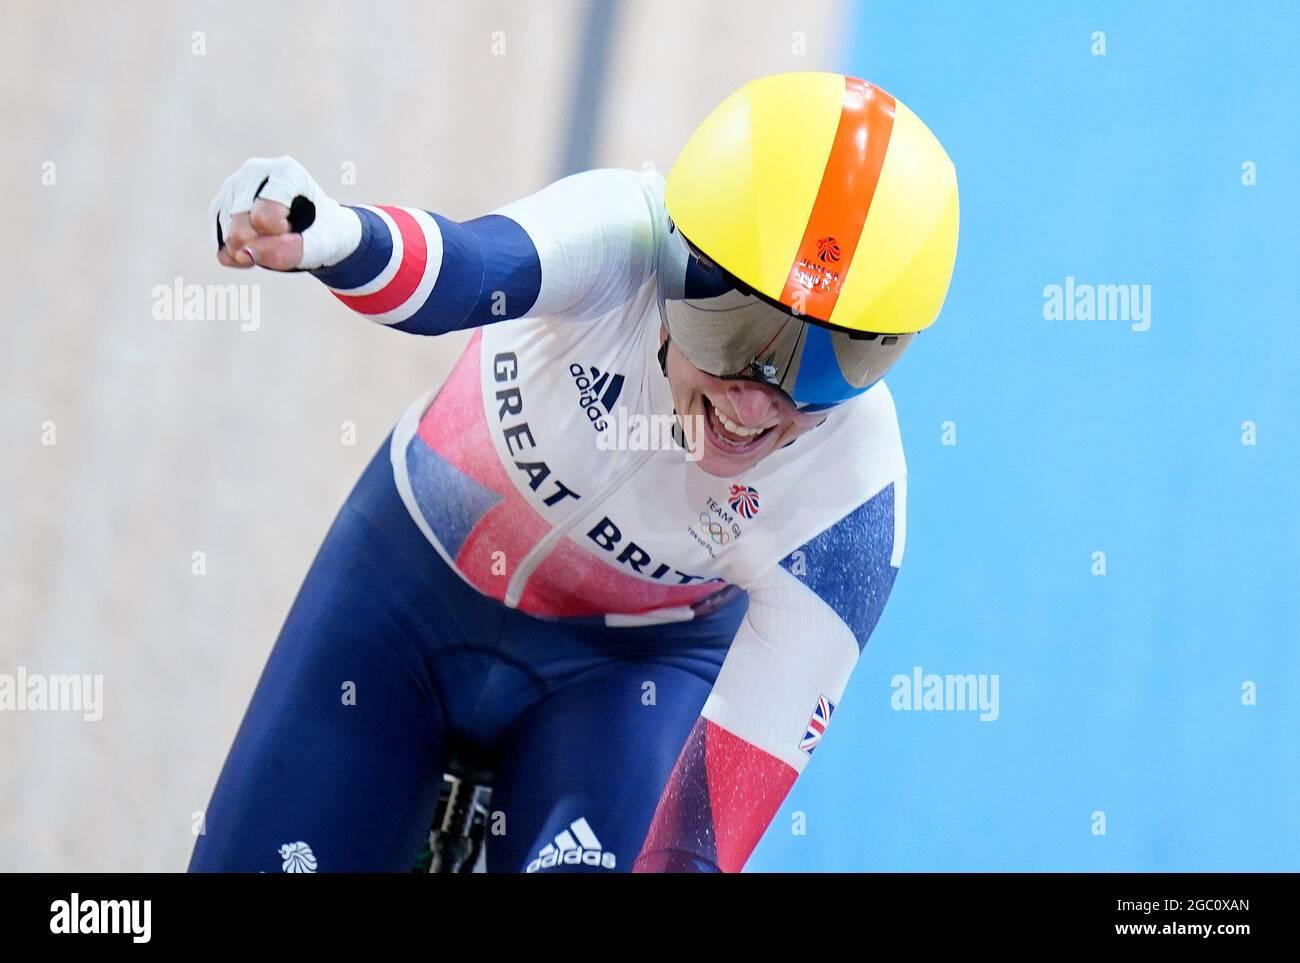 Die britische Laura Kenny feiert beim Madison Finale der Frauen im Izu Velodrome am 14. Tag der Olympischen Spiele in Tokio 2020 in Japan den Goldsieg. Bilddatum: Freitag, 6. August 2021. Stockfoto